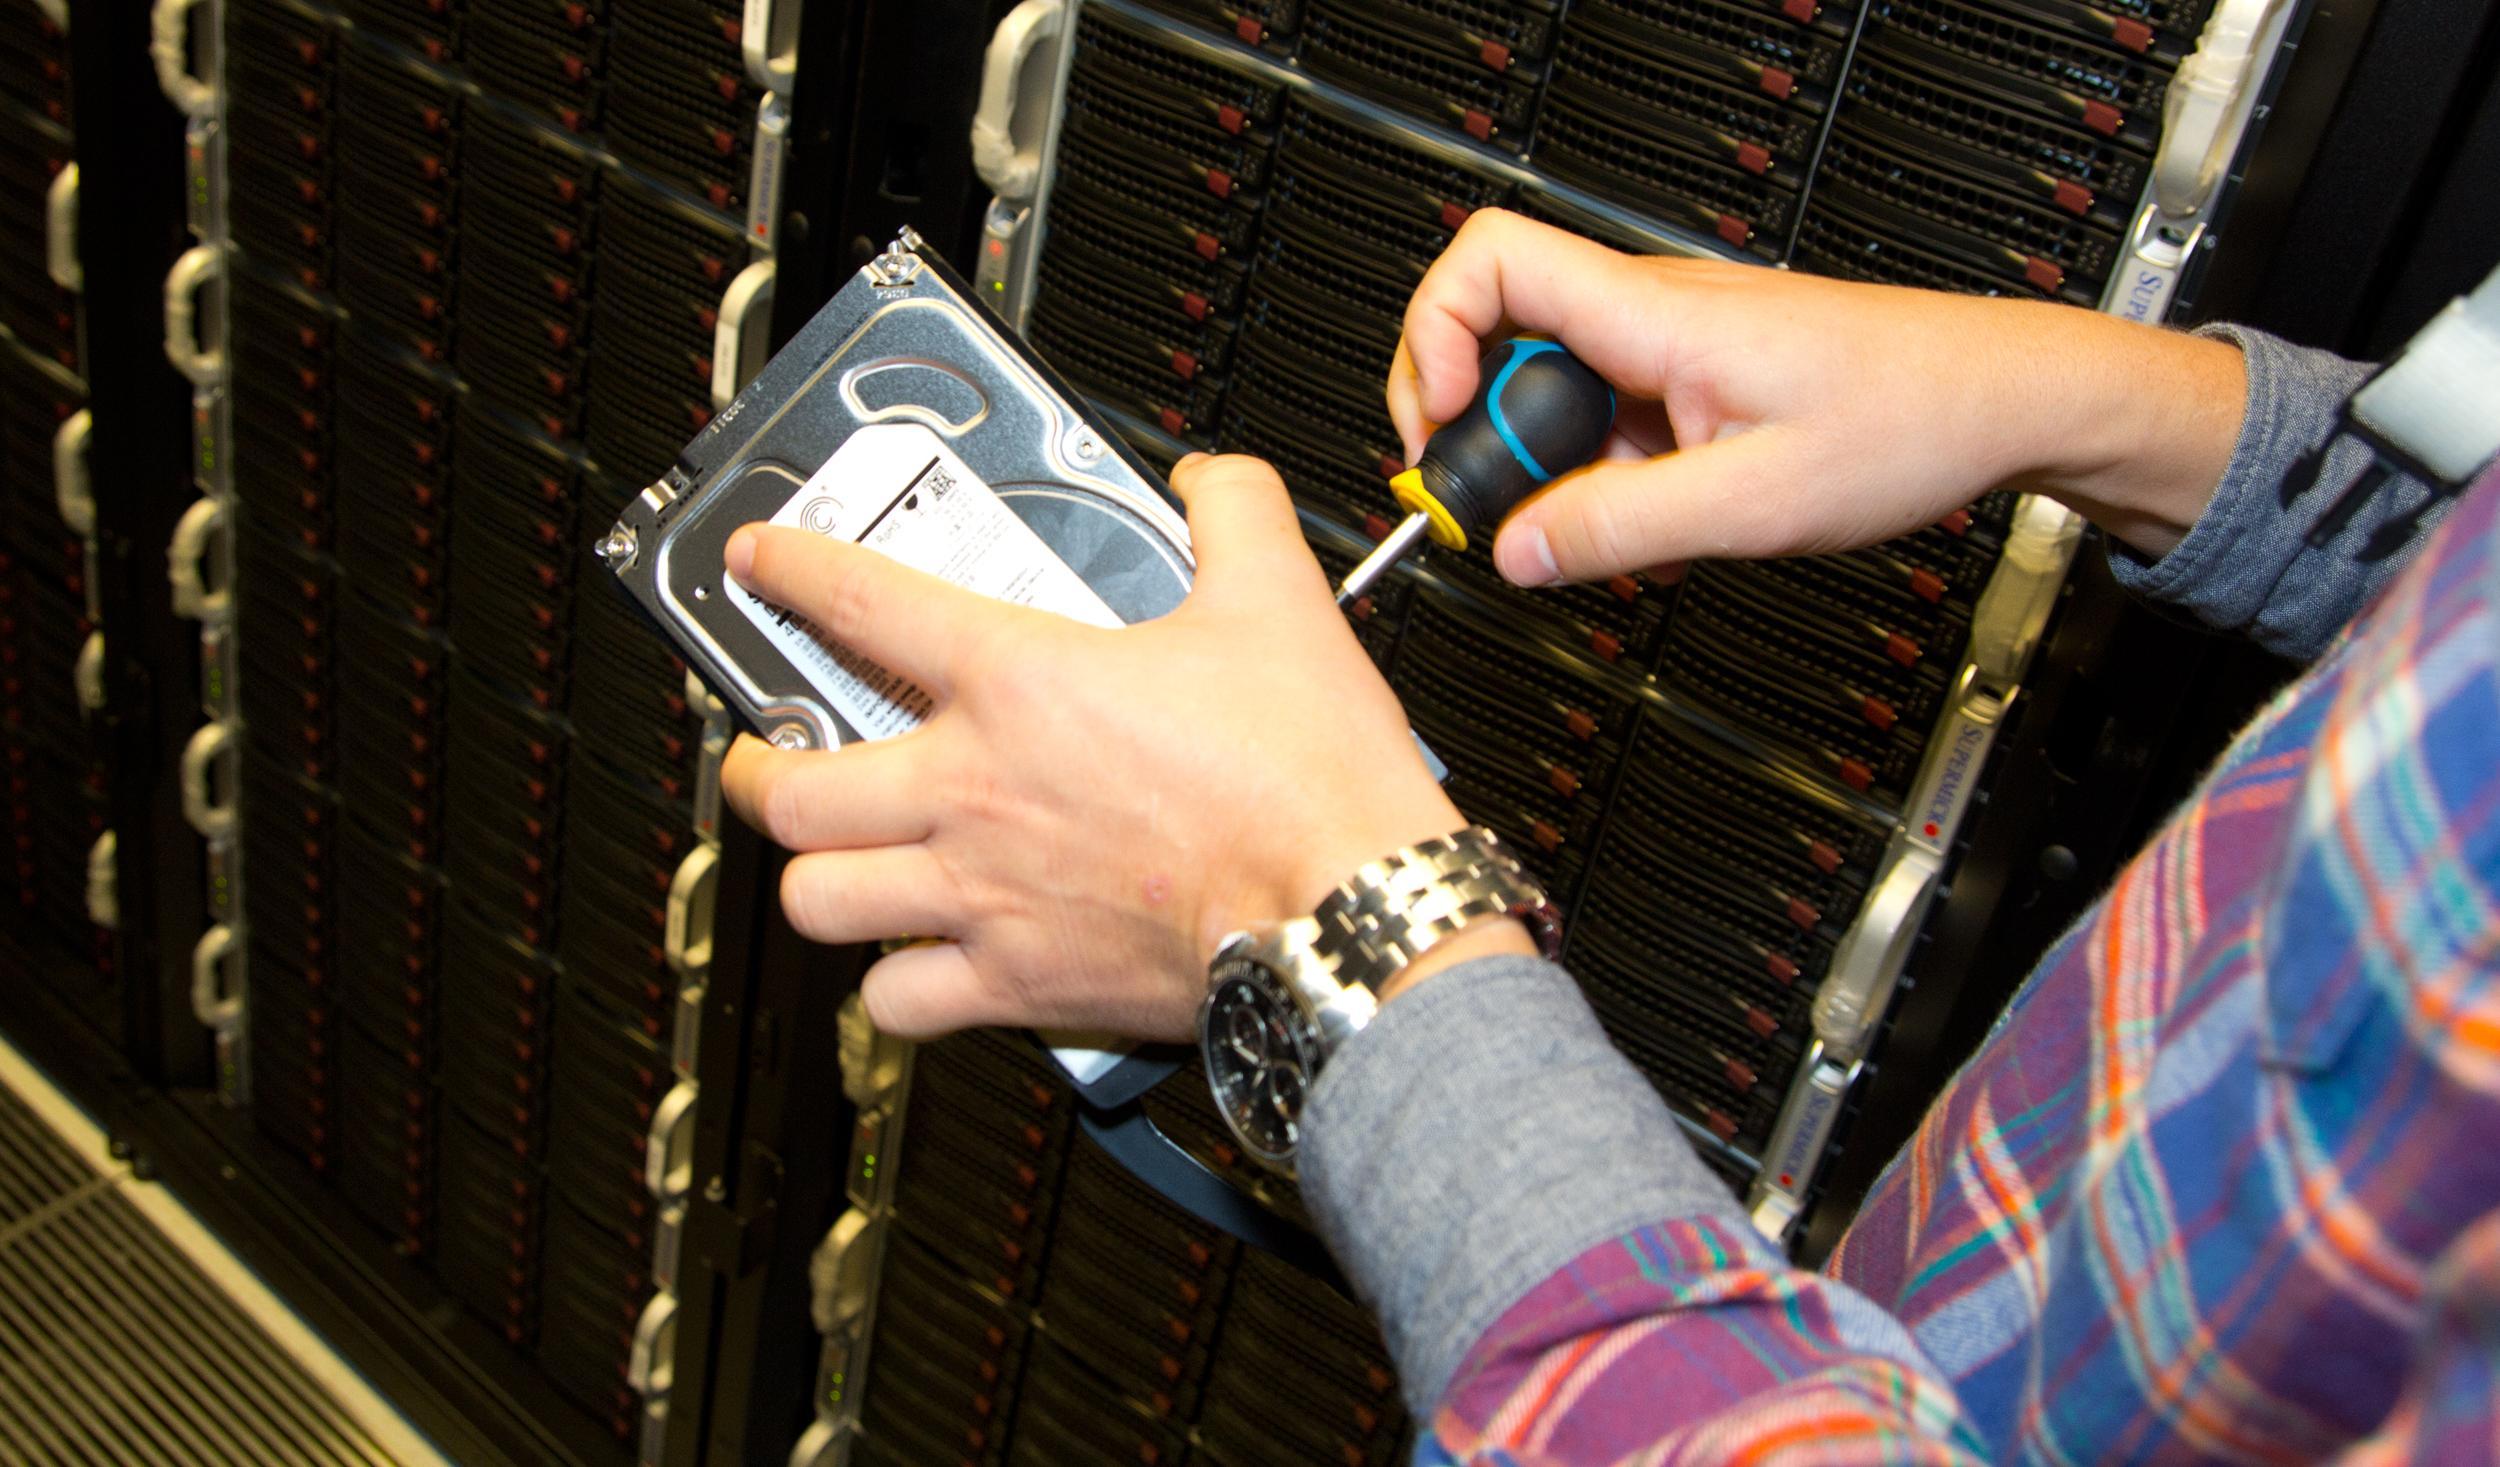 Mevåg gjør klar en ny harddisk til et liv med skylagring.Foto: Rolf B. Wegner, Hardware.no